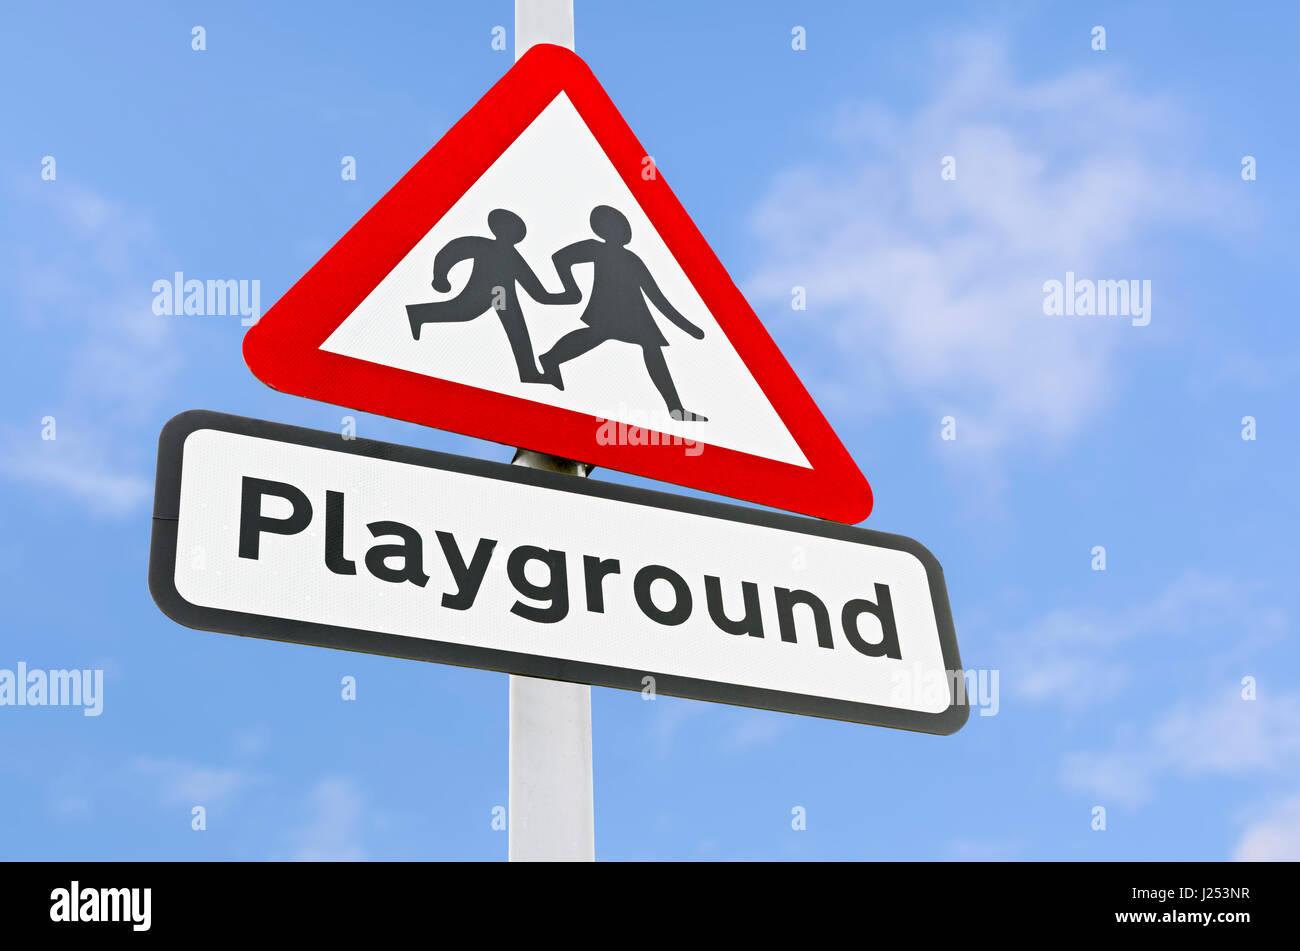 Triangular playground warning sign. Stock Photo